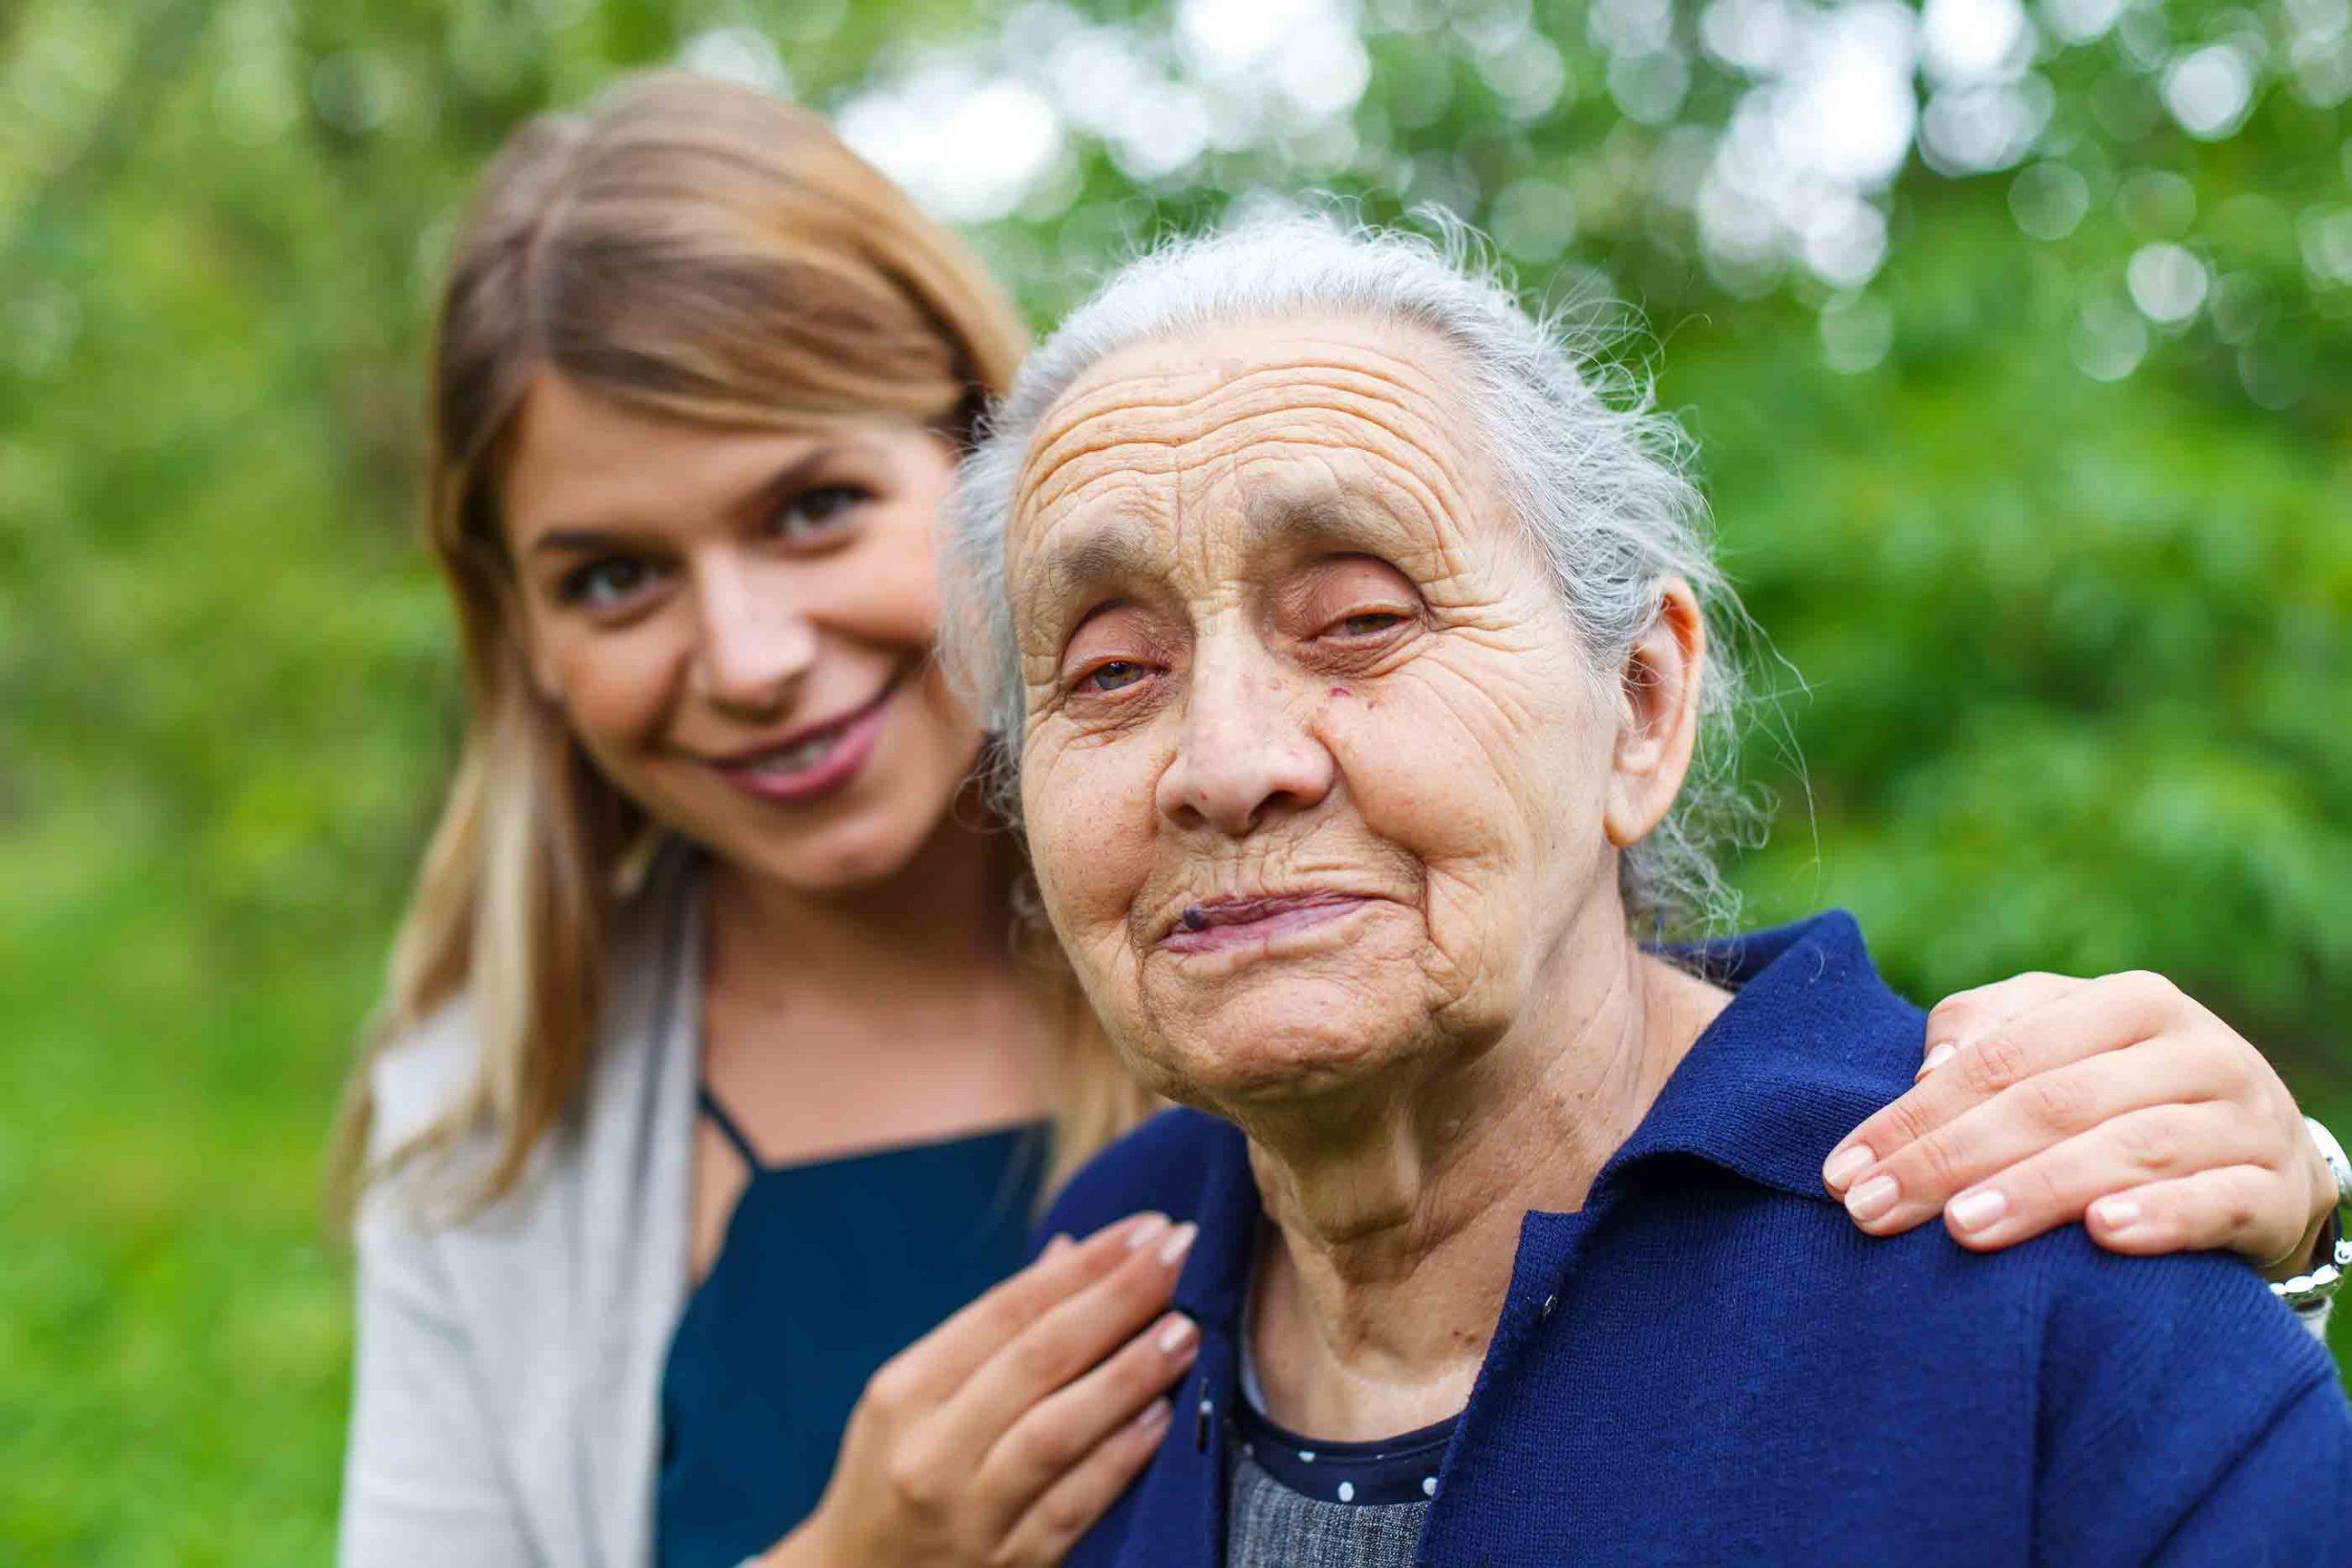 مراقبت از سالمندان | مرکز پارسیان مهرپرور